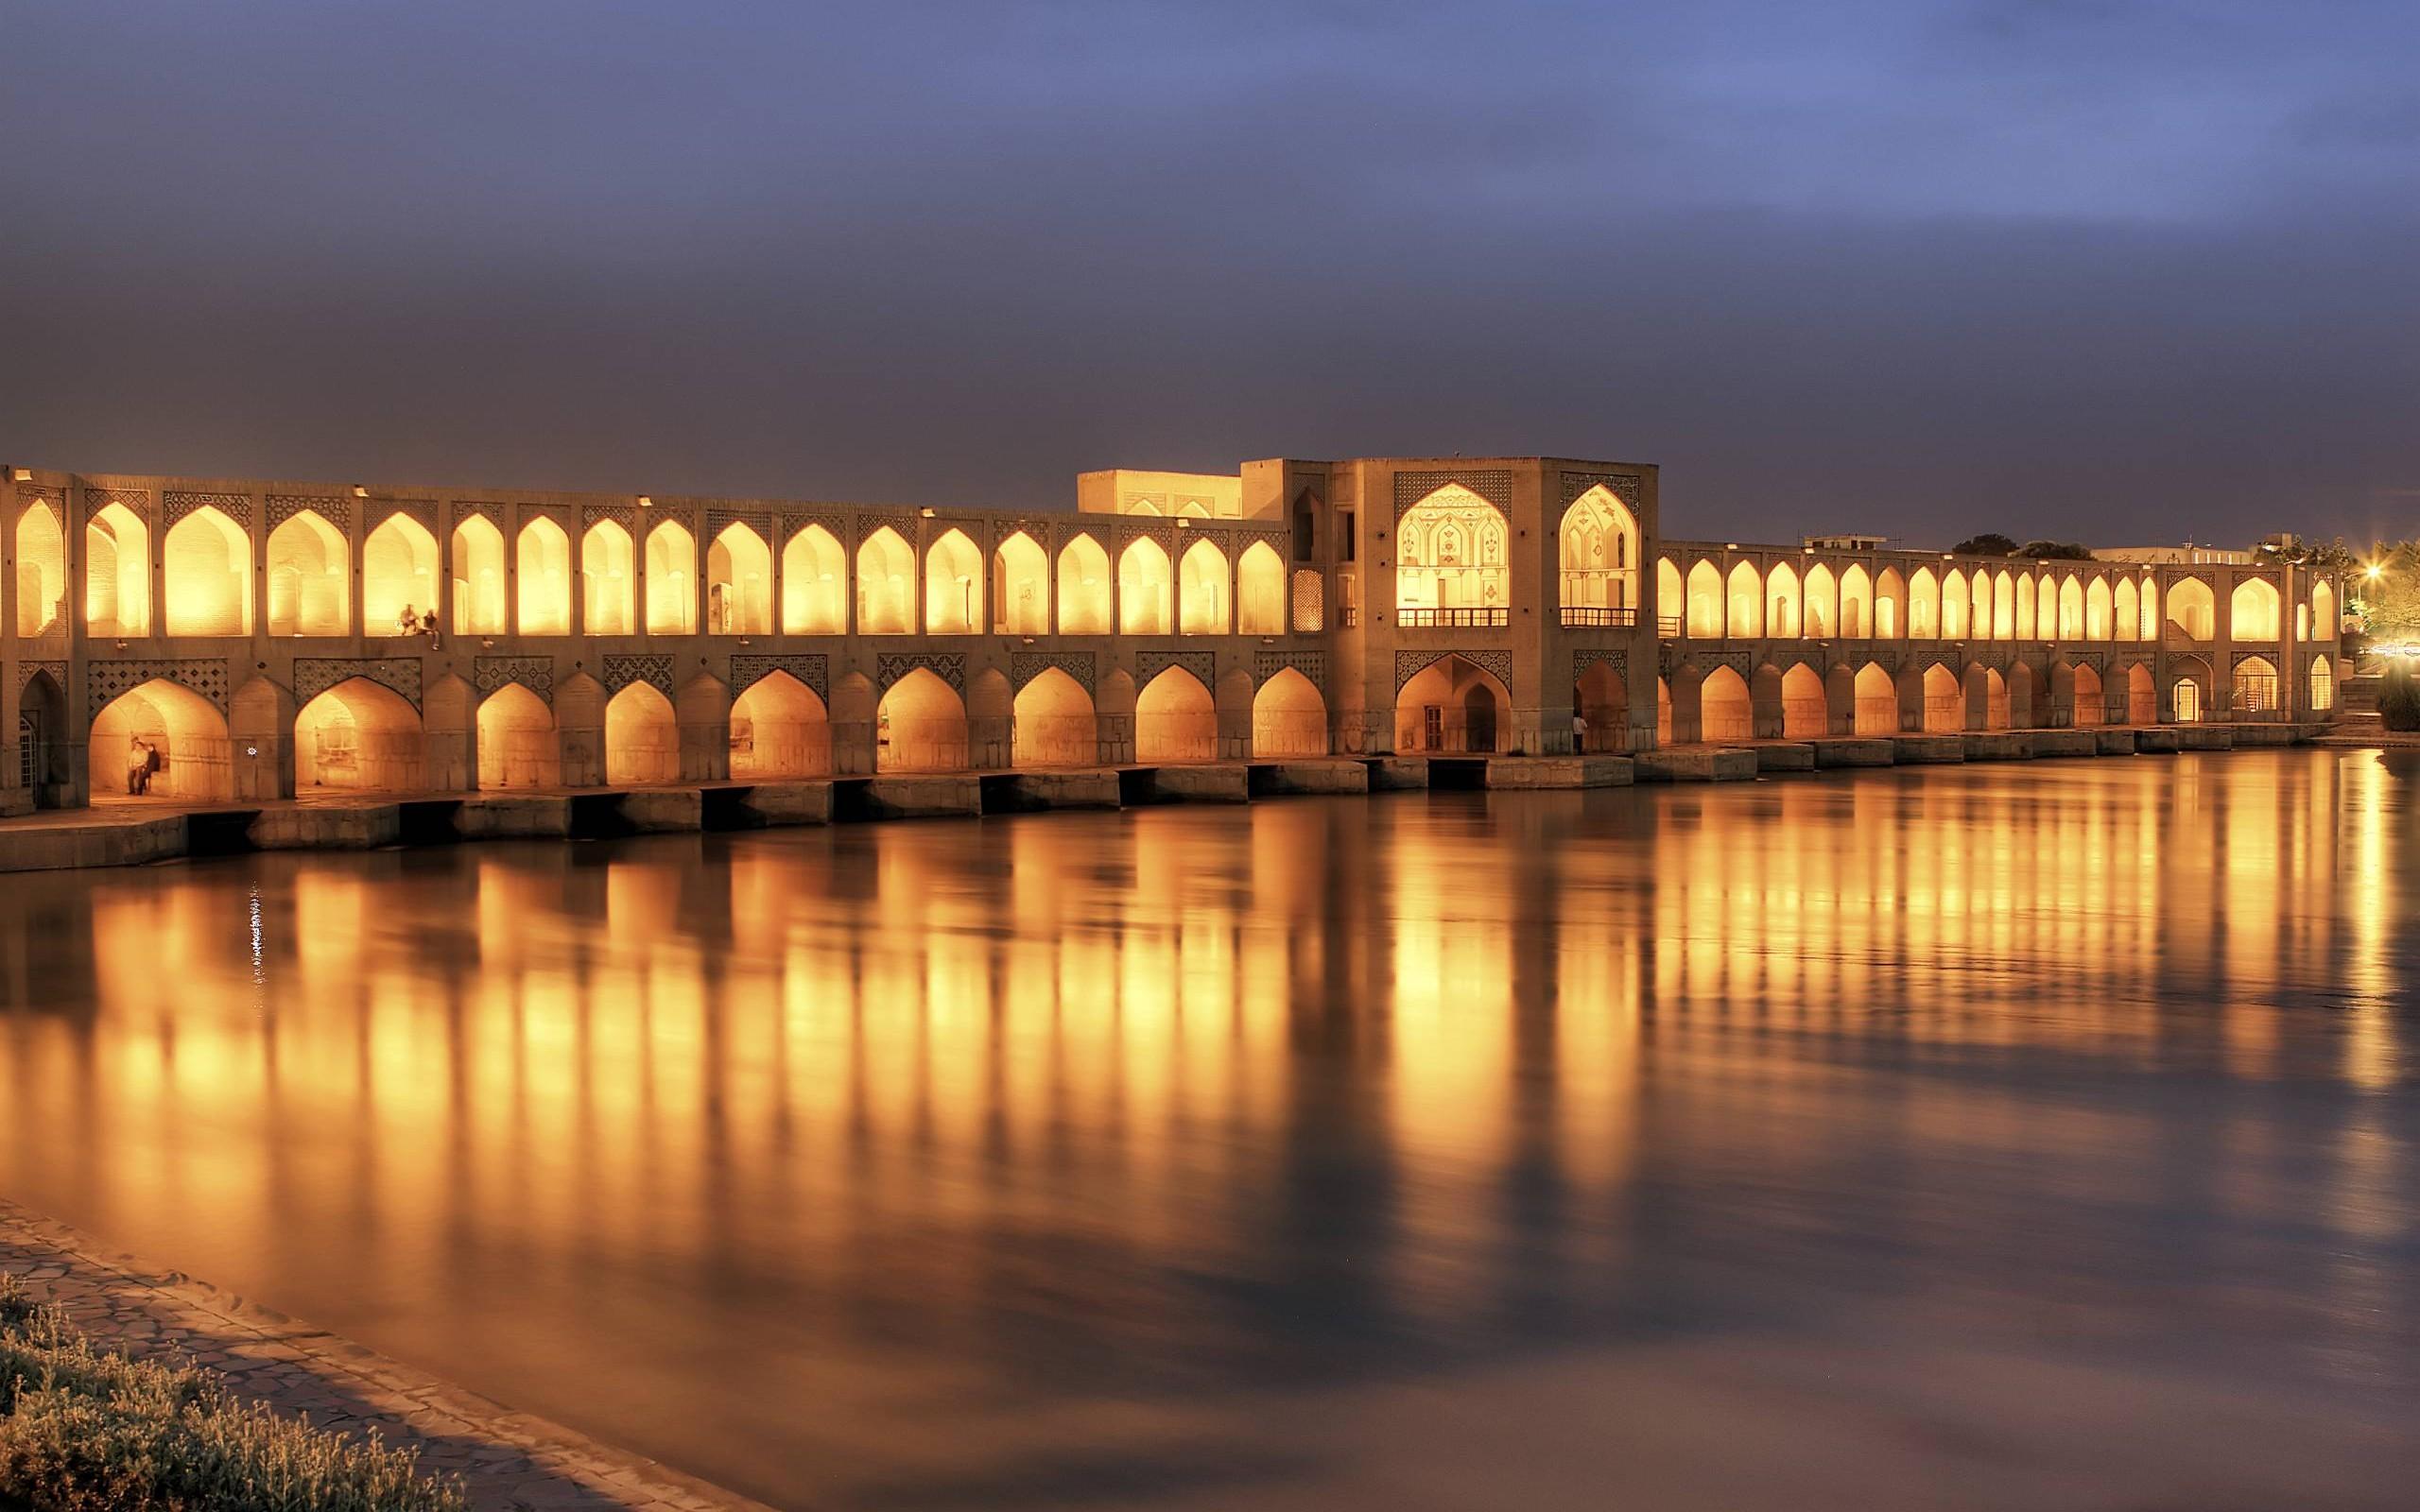 عکس پل امام حسین زنجان